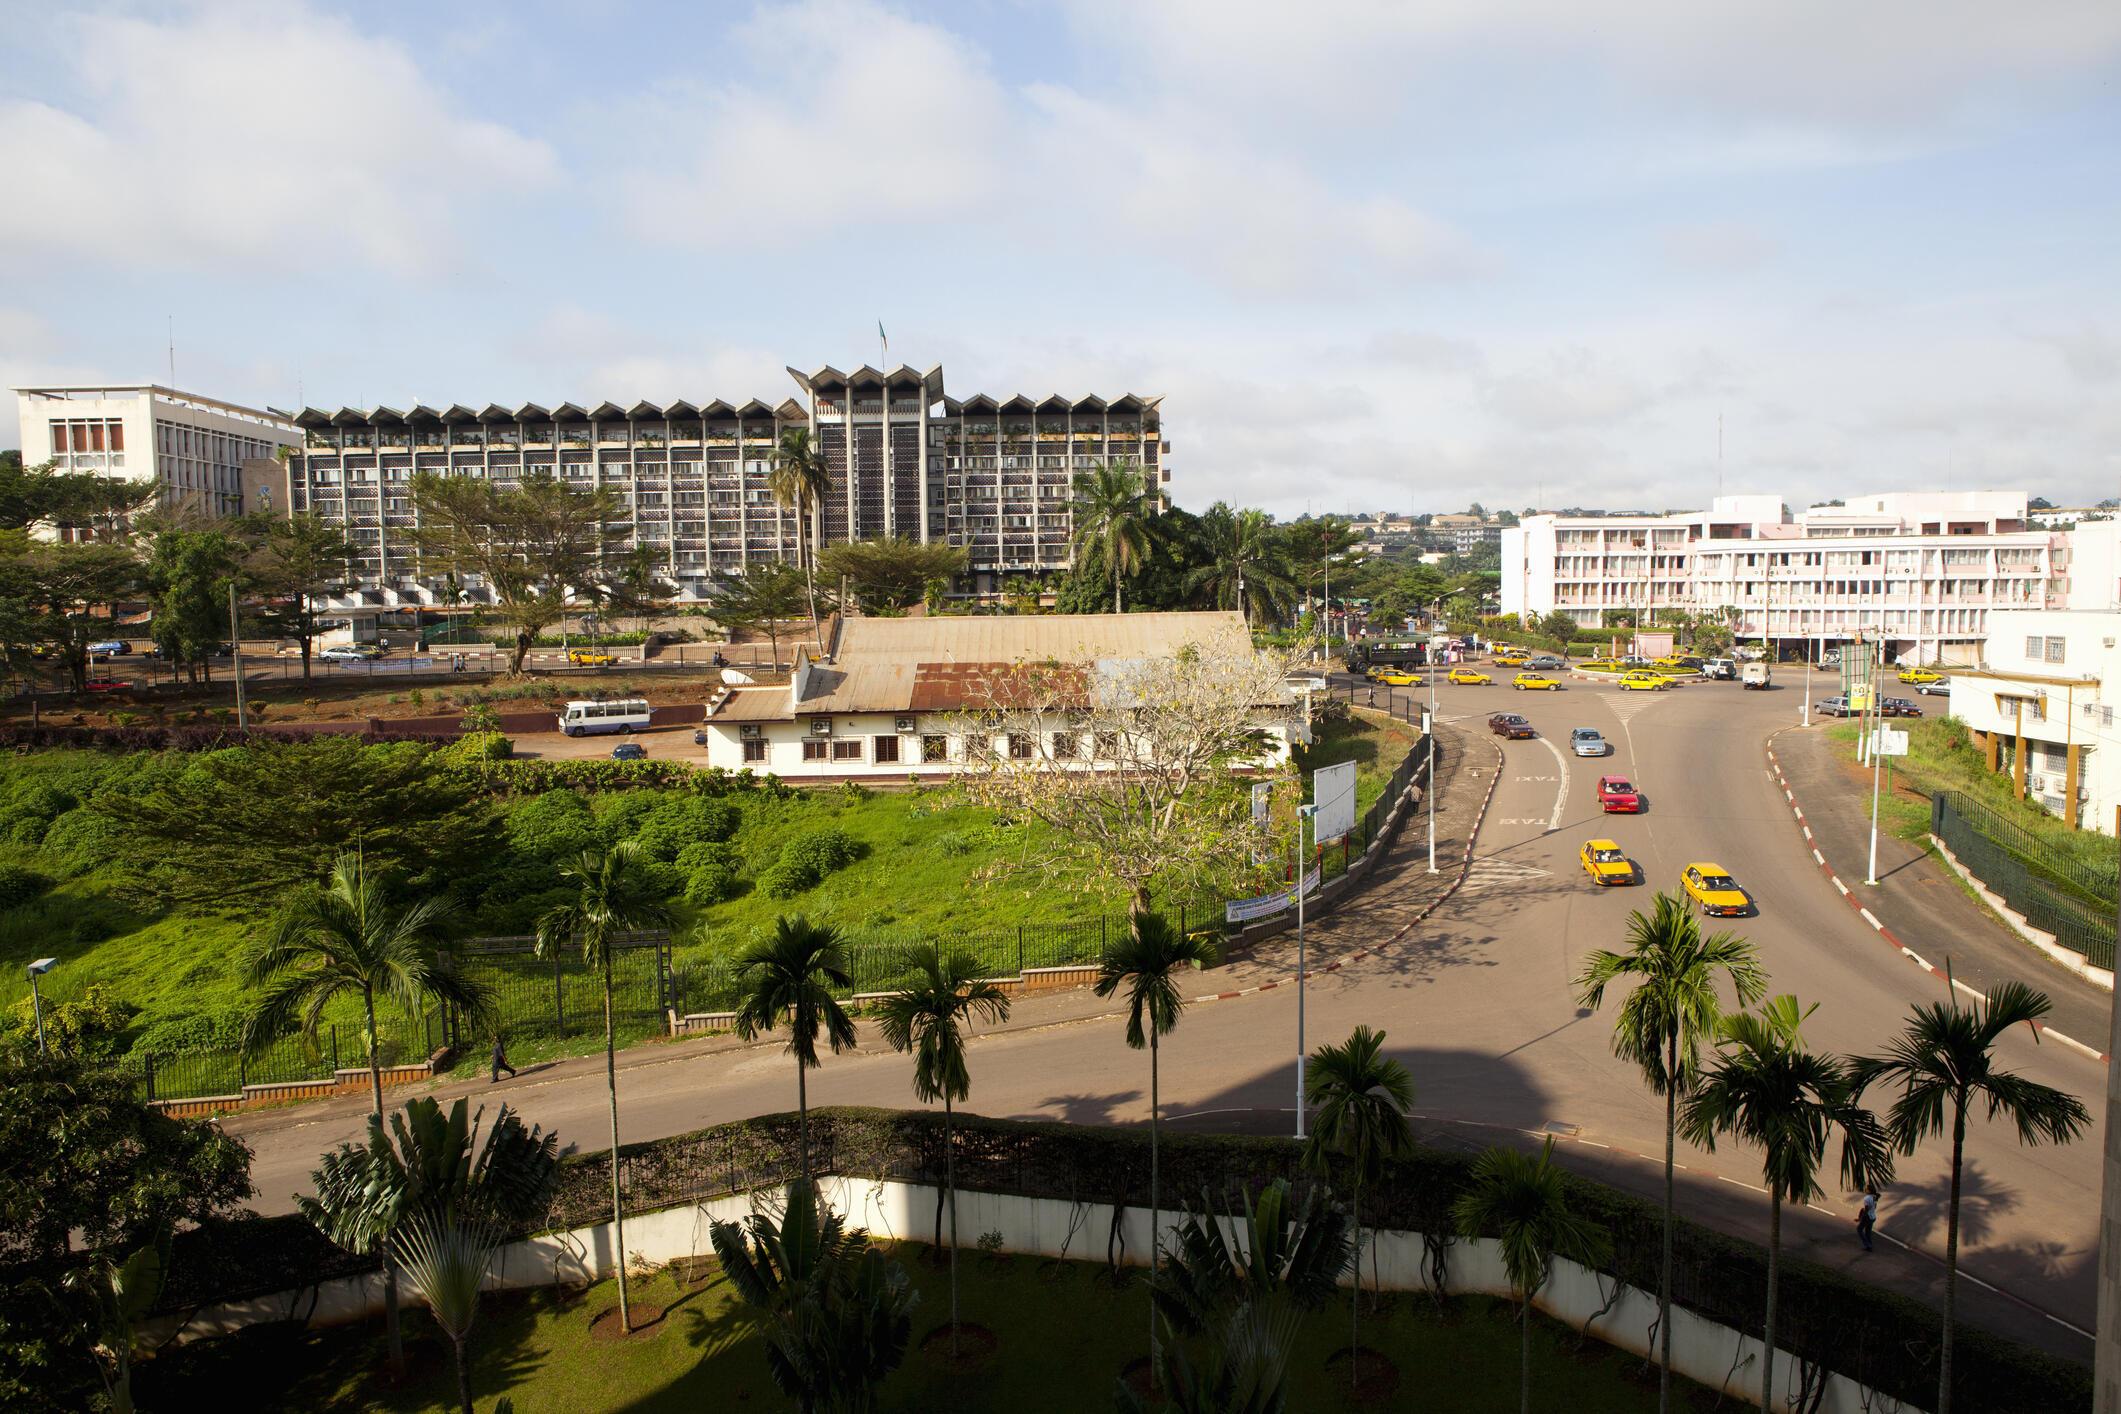 Vue de Yaoundé, capitale du Cameroun. (Photo d'illustration)